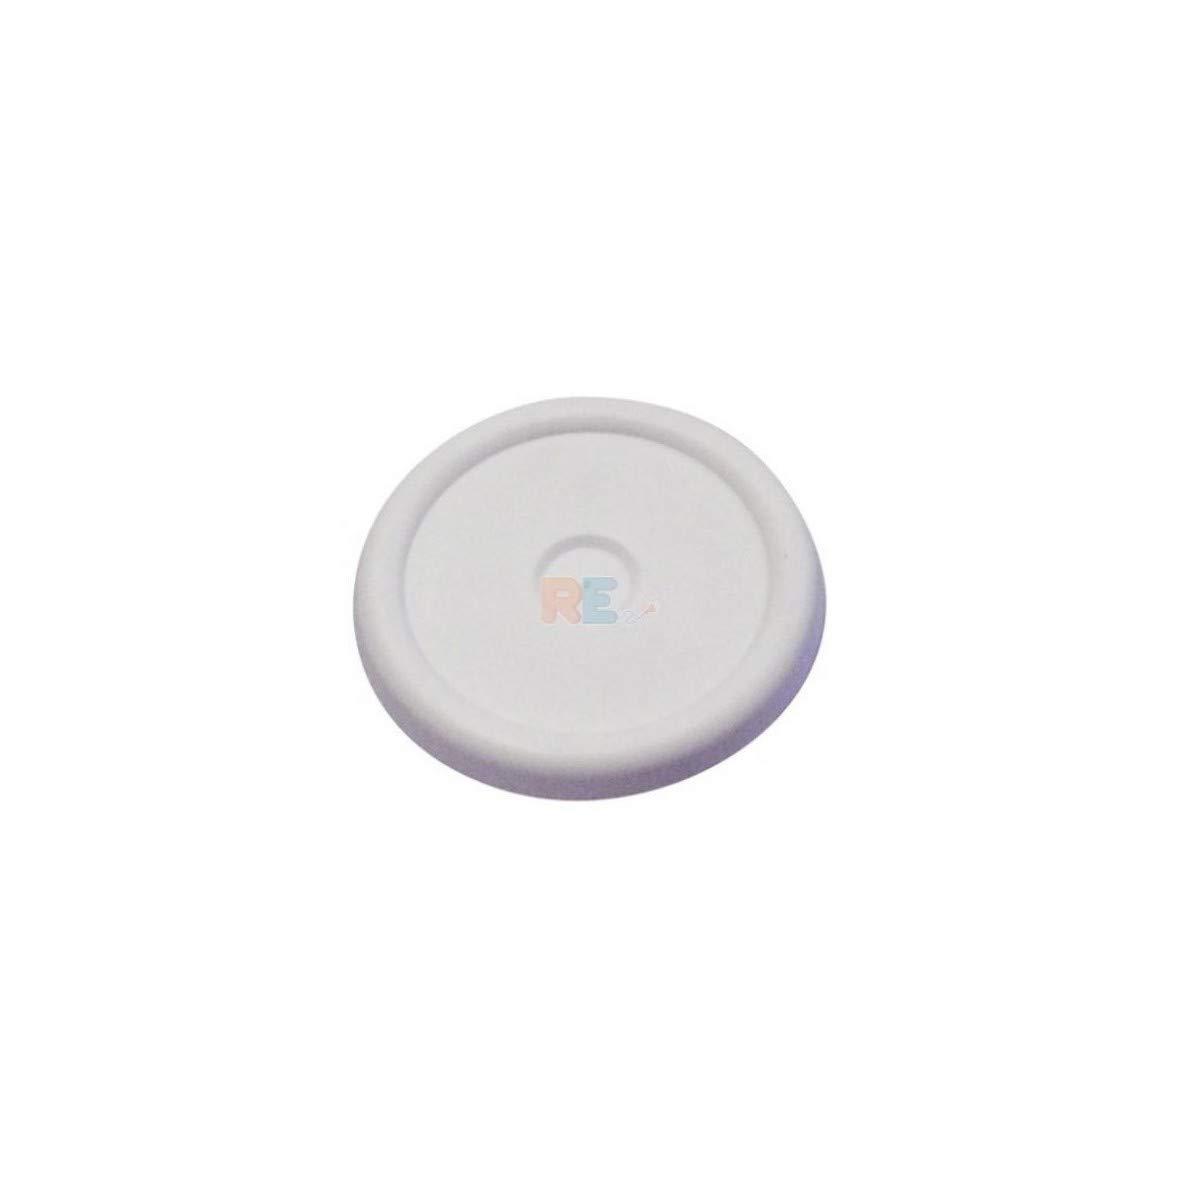 Recamania Tapon Camara condensado lavavajillas Whirlpool 481246278998